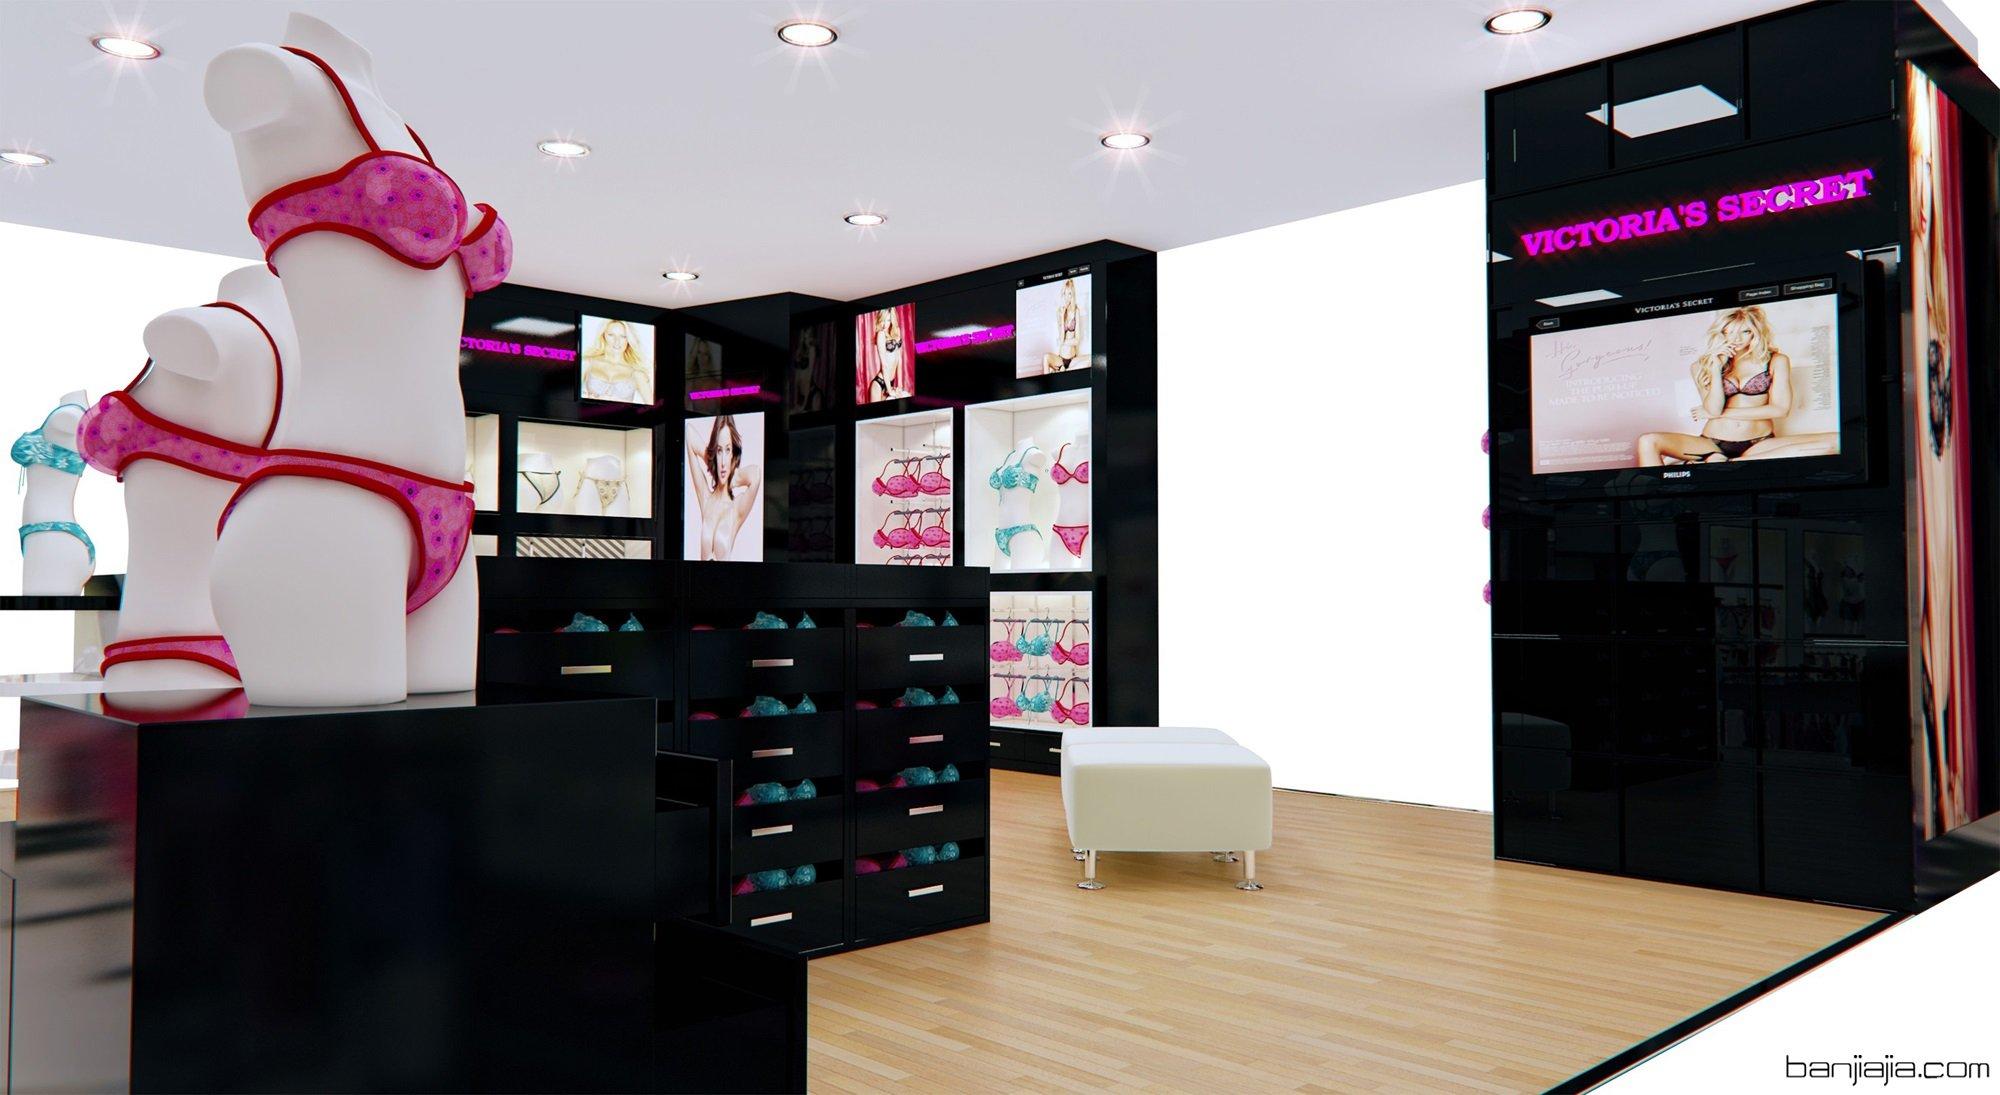 内衣店效果图 - 扮家家室内设计网